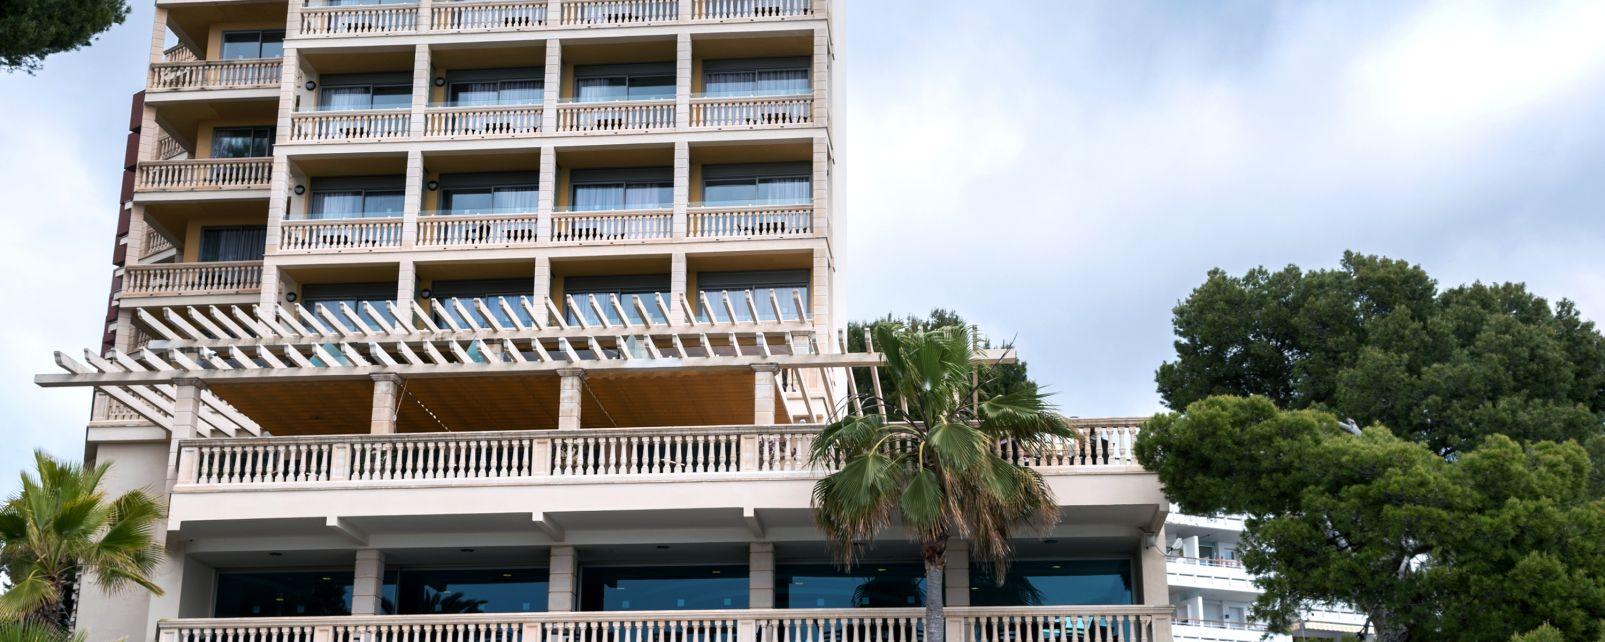 Hôtel Barcelo Illetas Albatros